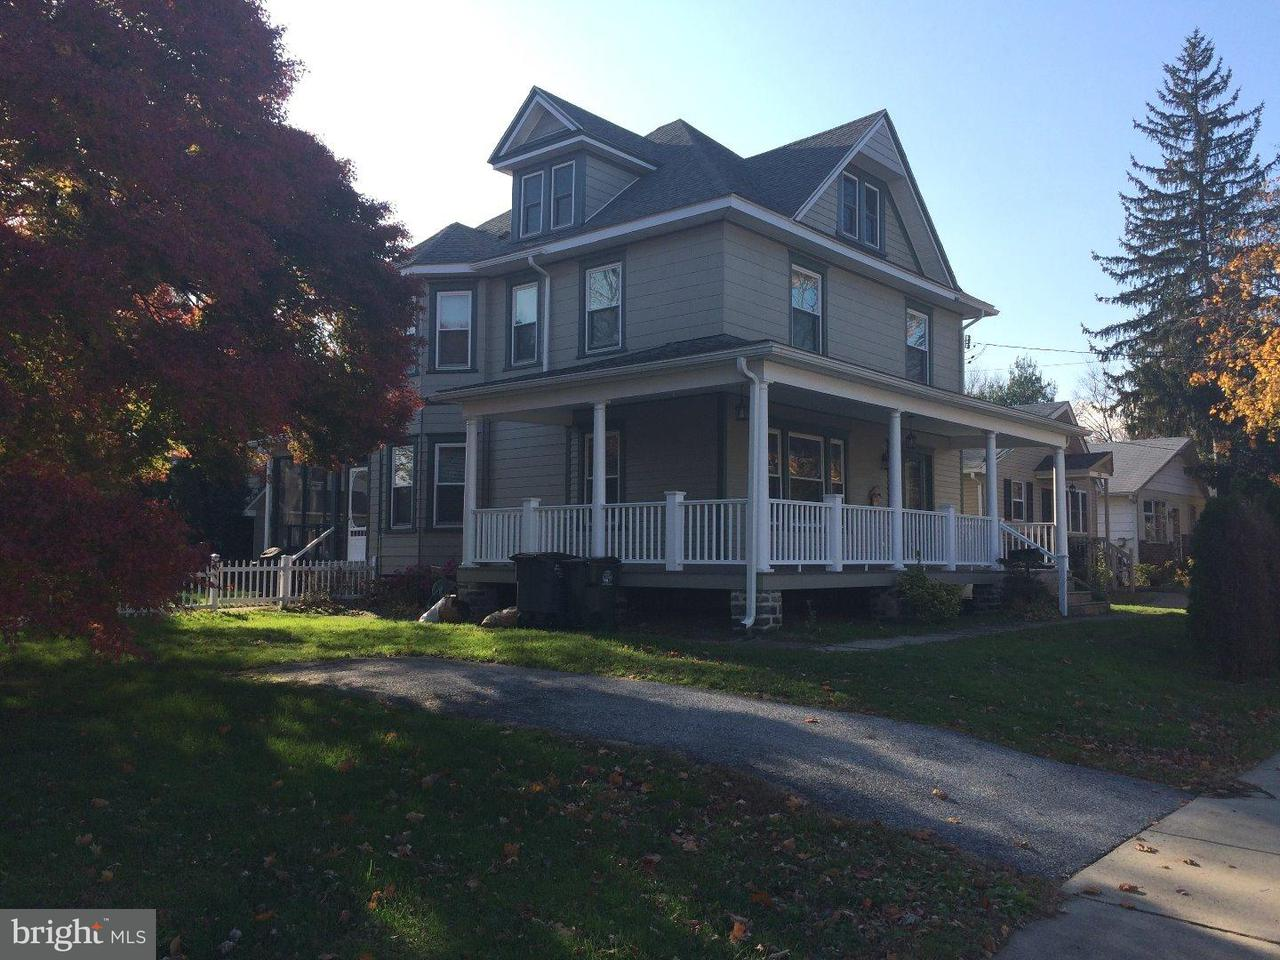 Casa Unifamiliar por un Alquiler en 214 CHESTNUT PKWY Wallingford, Pennsylvania 19086 Estados Unidos